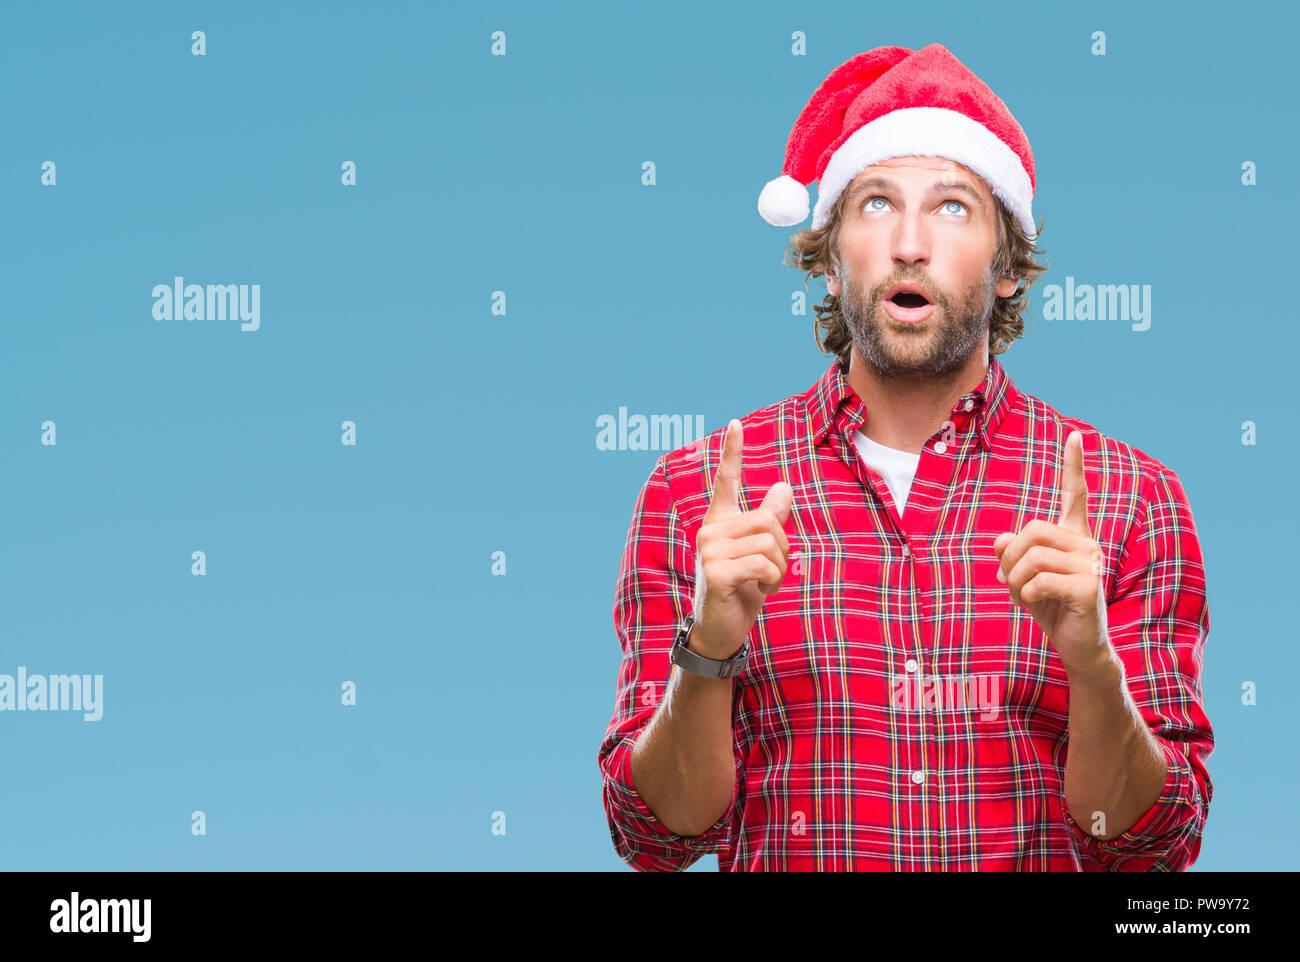 Babbo Natale Uomo Bello.Bello Ispanica Modello Uomo Indossa Babbo Natale Natale Su Sfondo Isolato Meravigliato E Sorpreso Cercando E Indicando Con Le Dita E Di Sollevamento Foto Stock Alamy